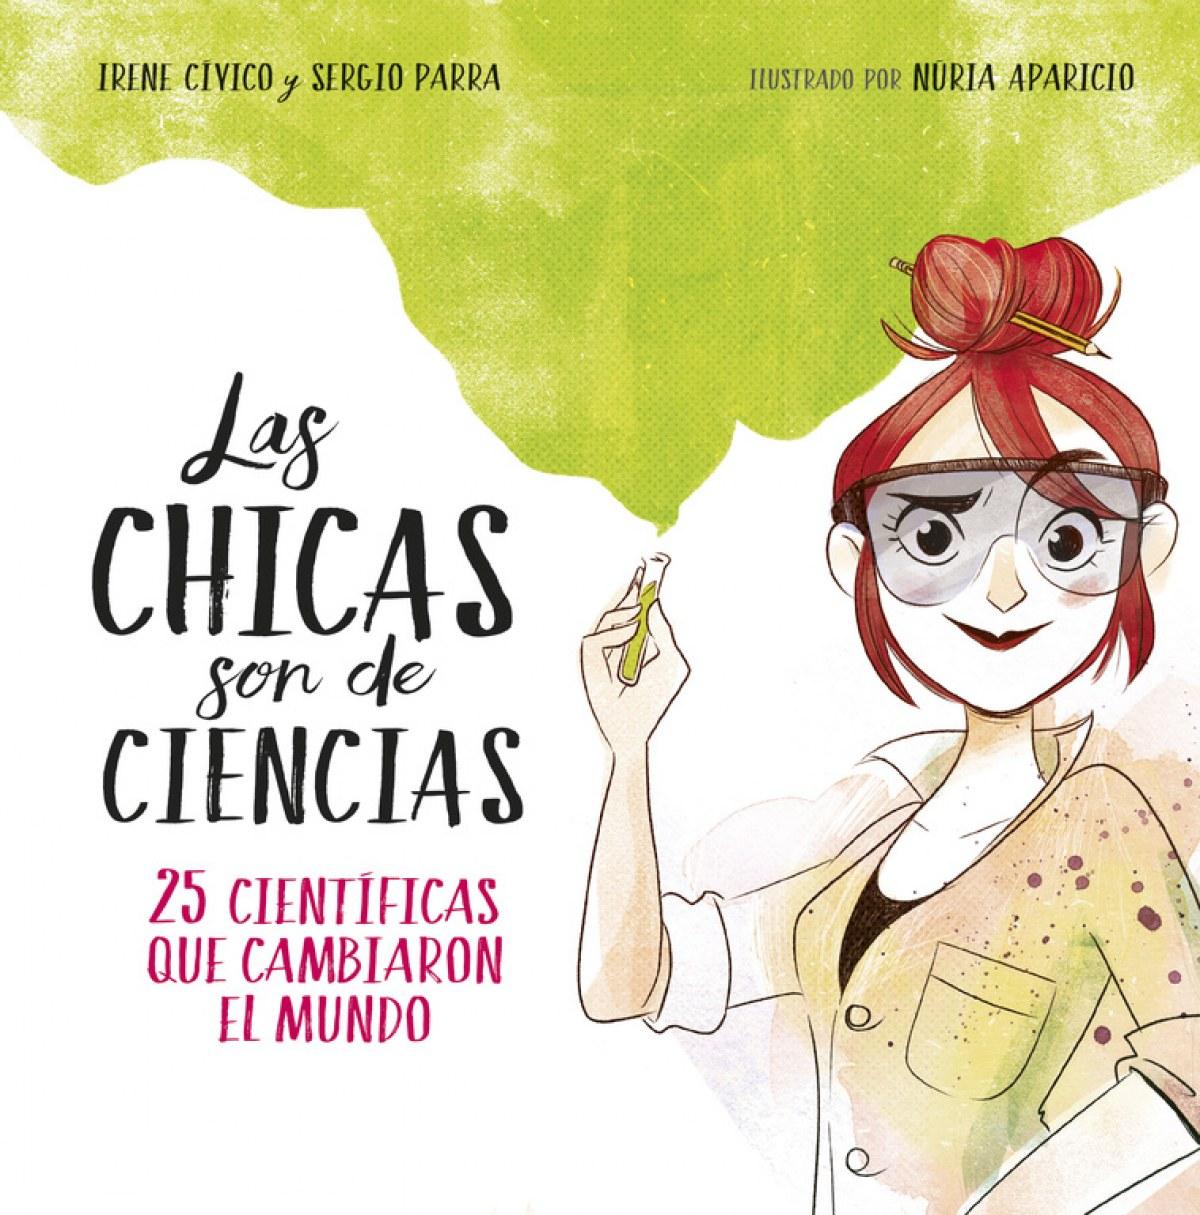 LAS CHICAS SON DE CIENCIAS 9788490438824